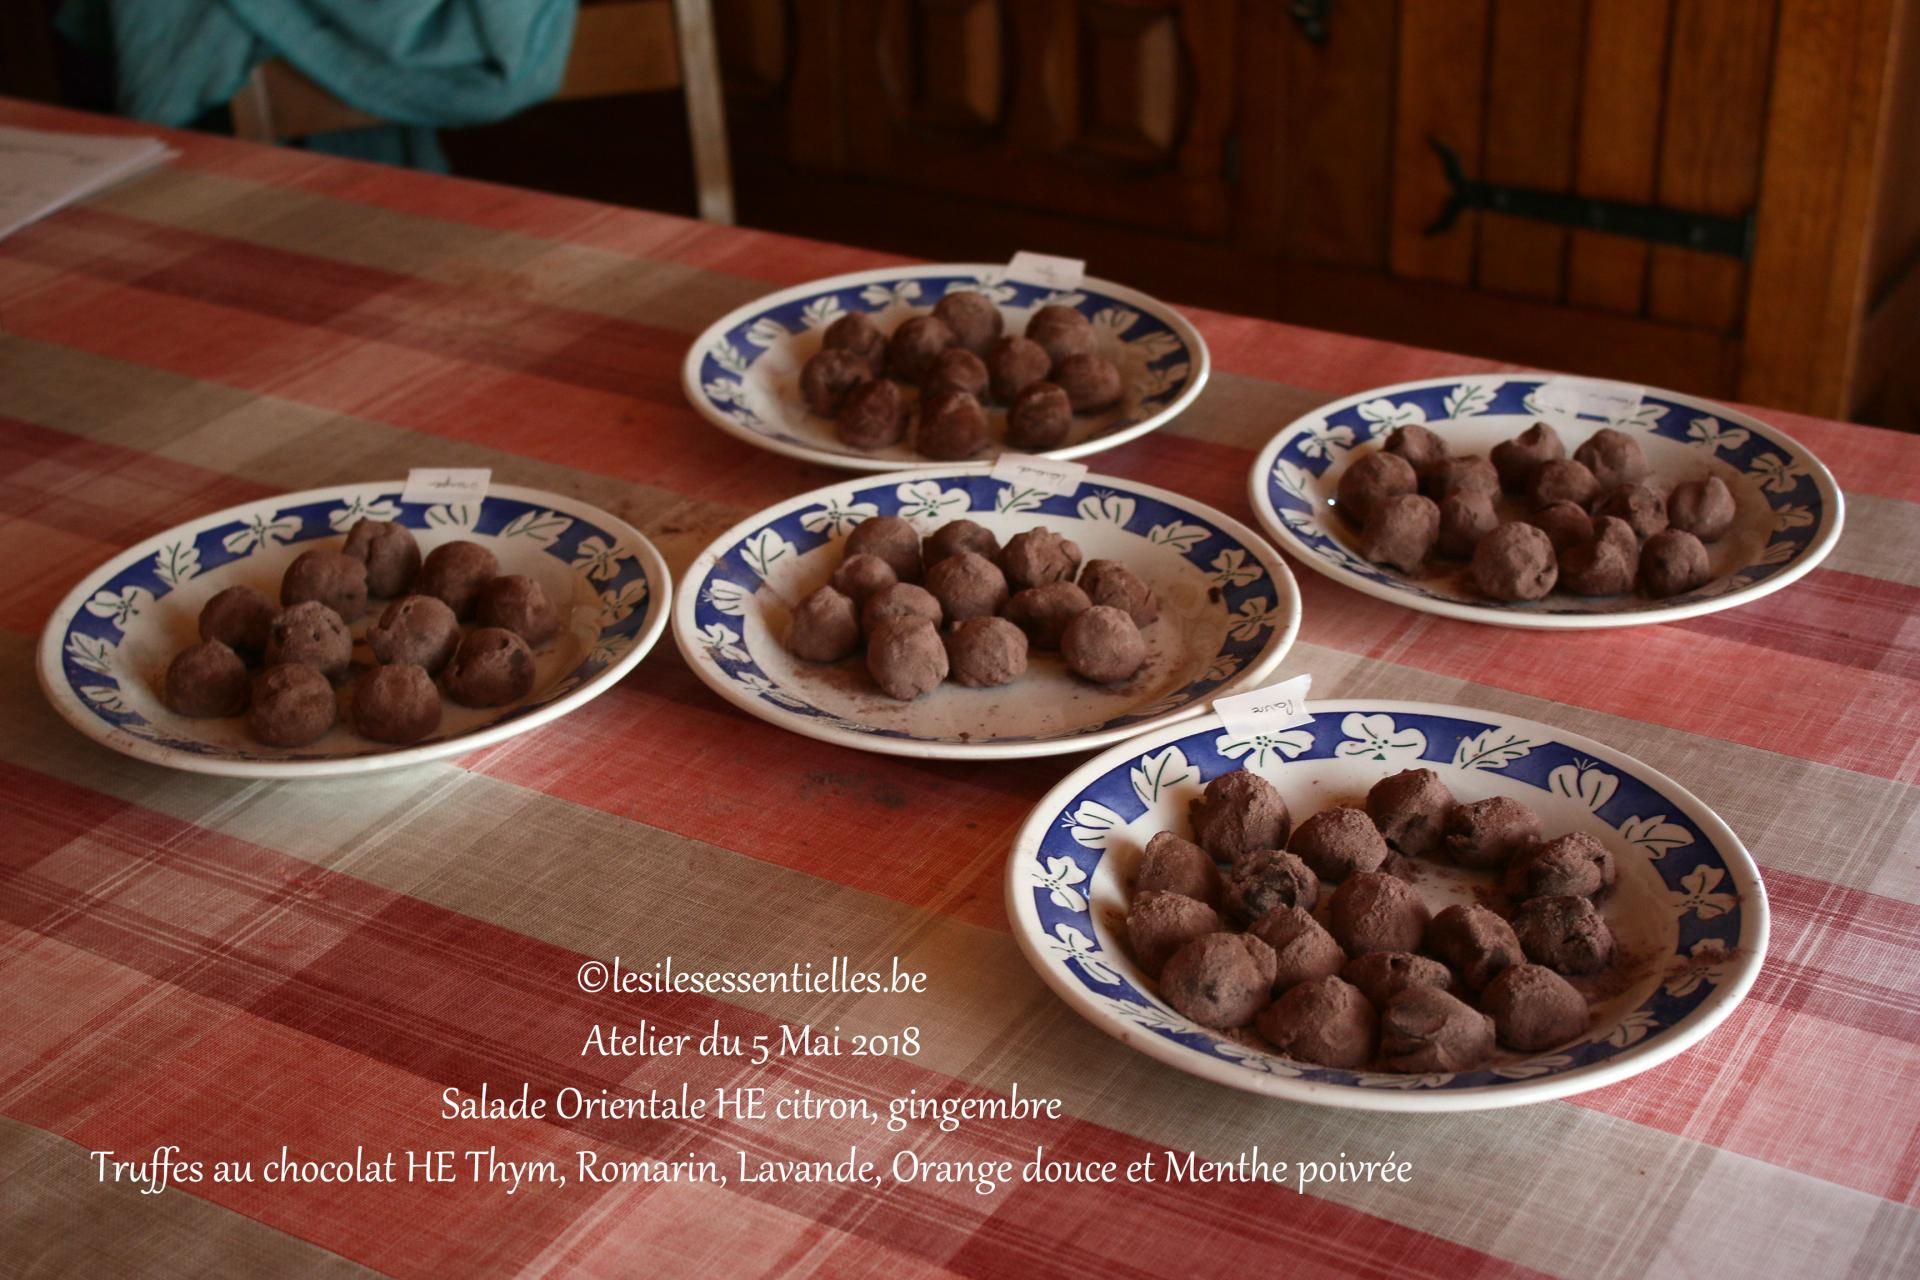 Truffes au chocolat HE Thym, Romarin, Lavande, Orange douce et Menthe poivrée